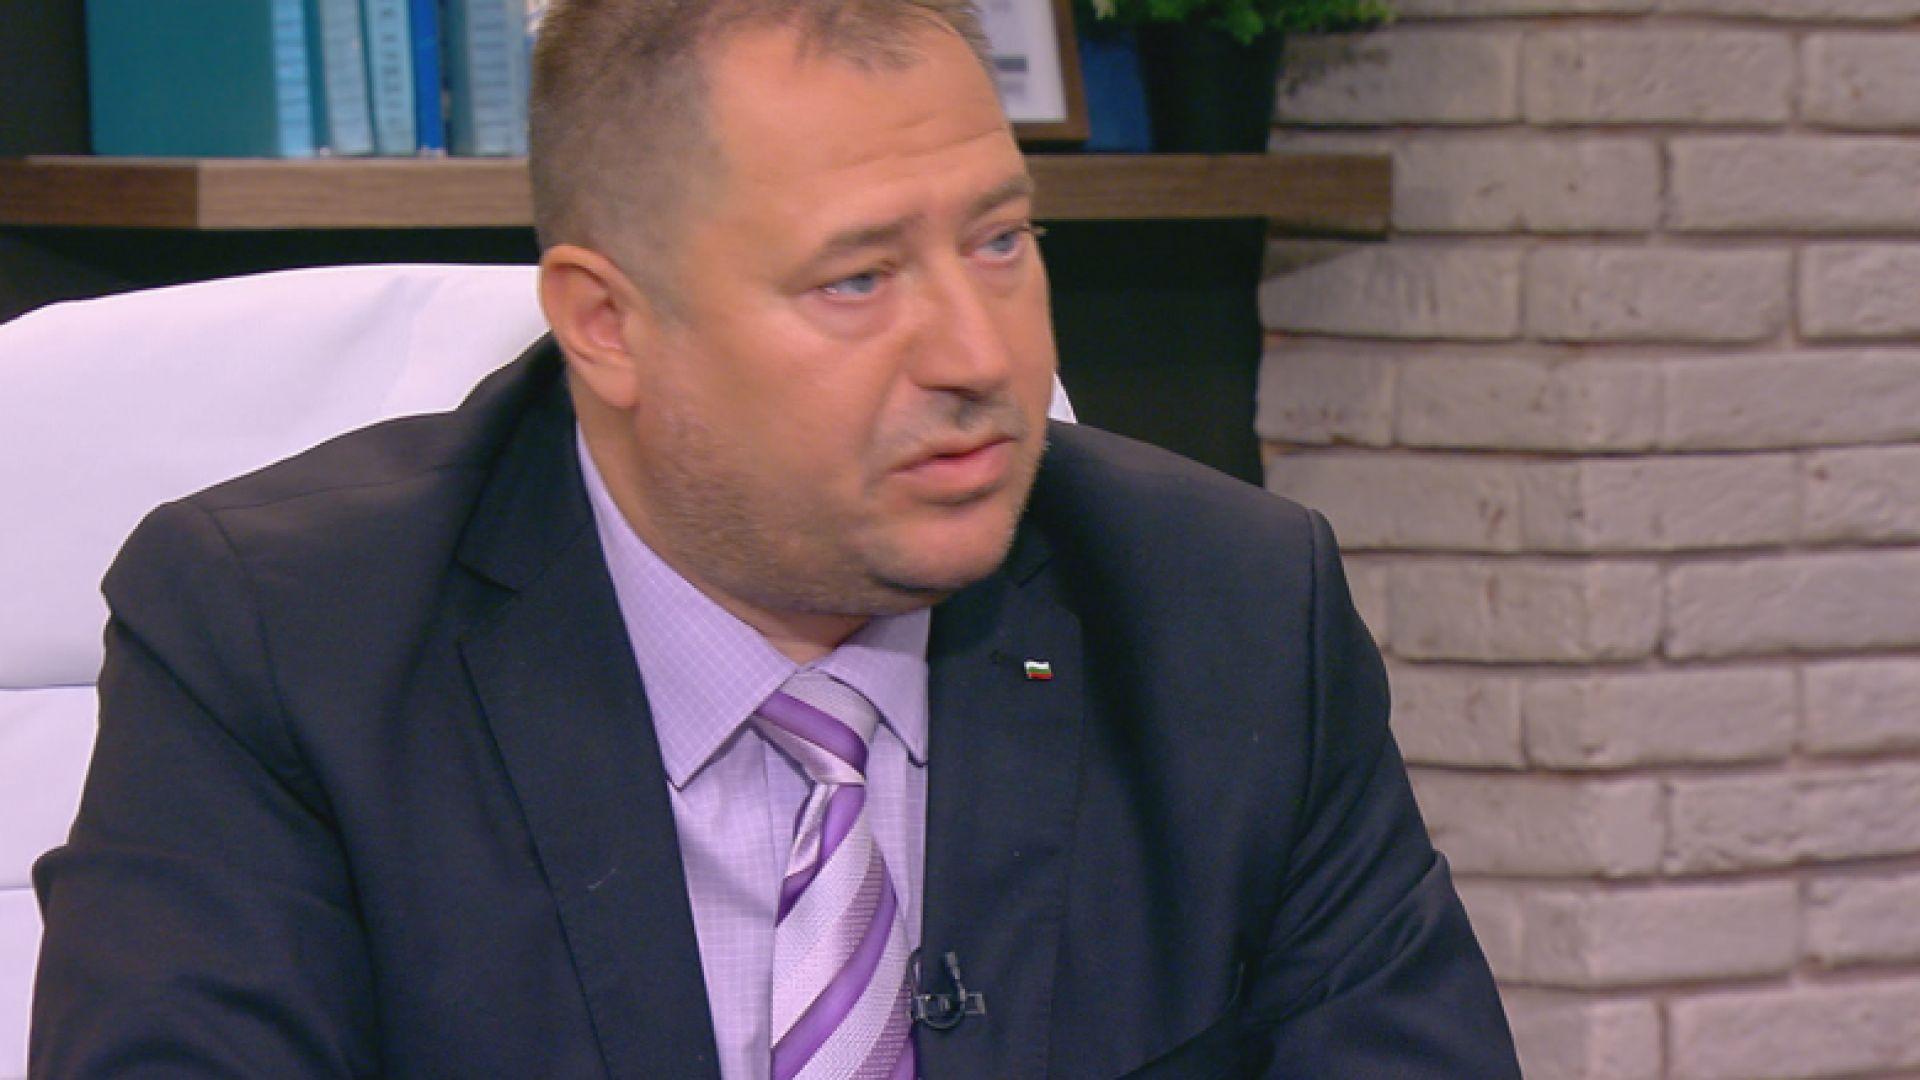 Съдът наложи 100 000 лева гаранция на бившия шеф на ДАБЧ Петър Харалампиев